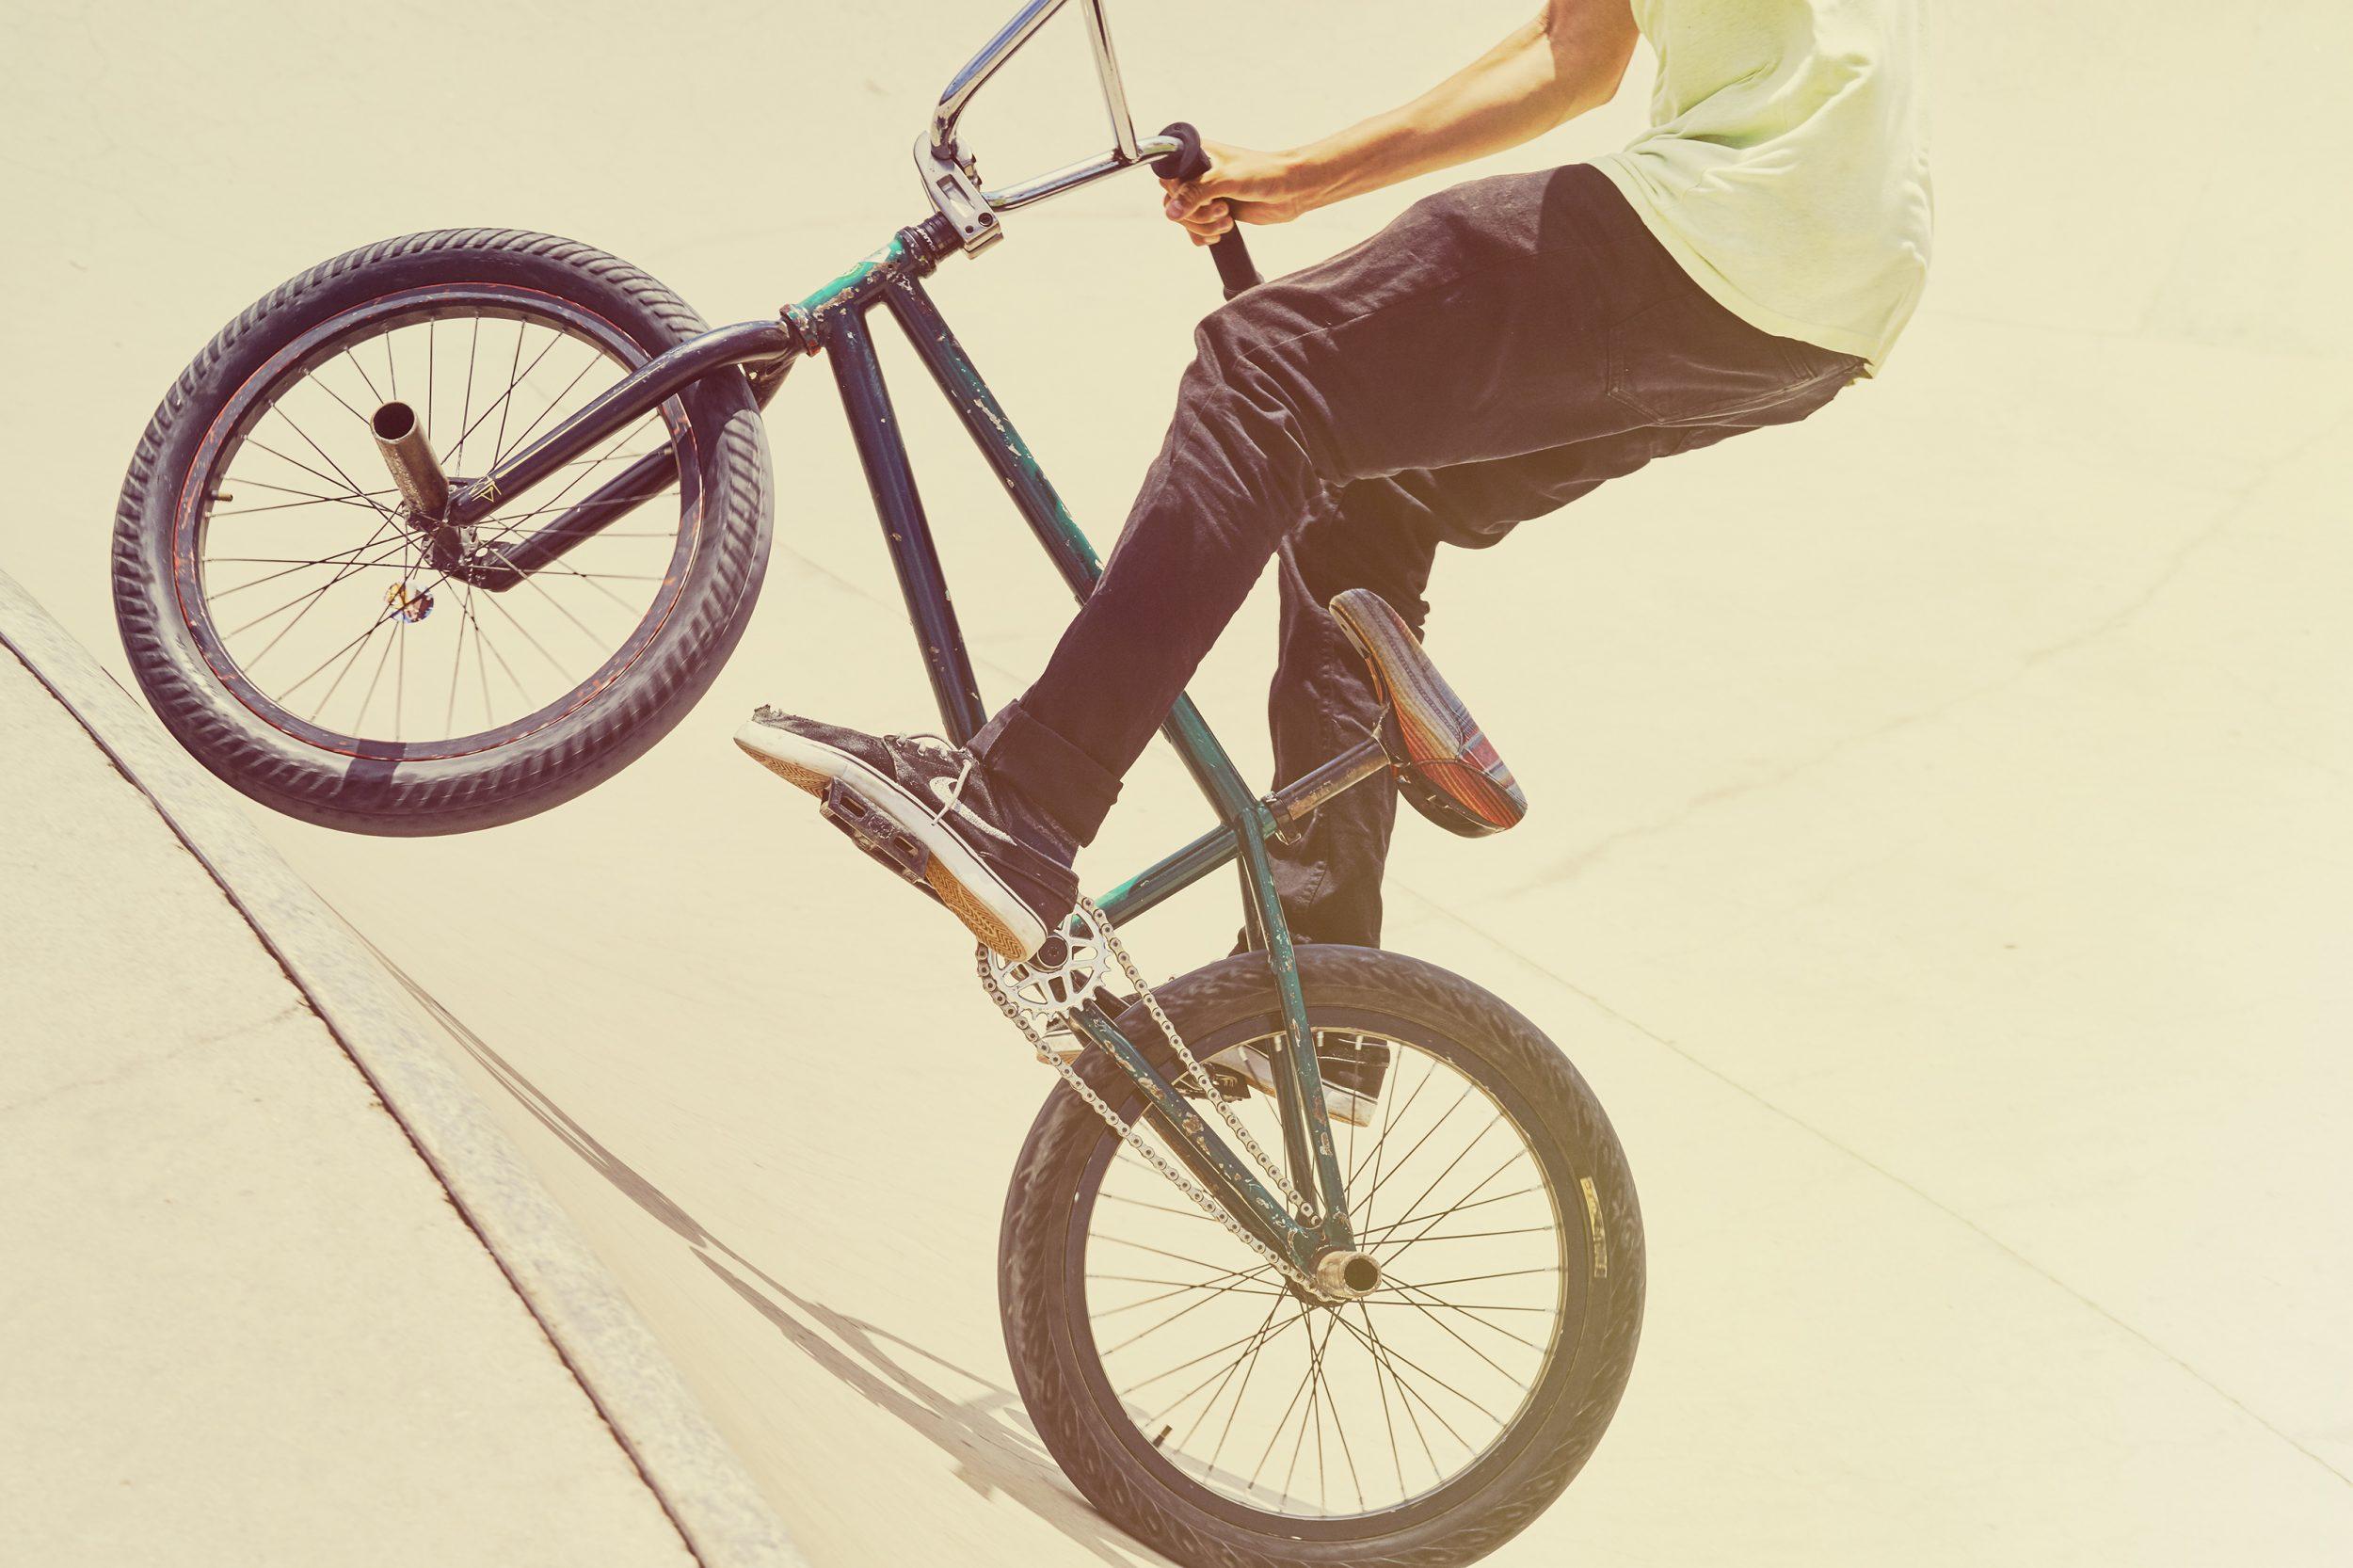 BMX rider jumpimg